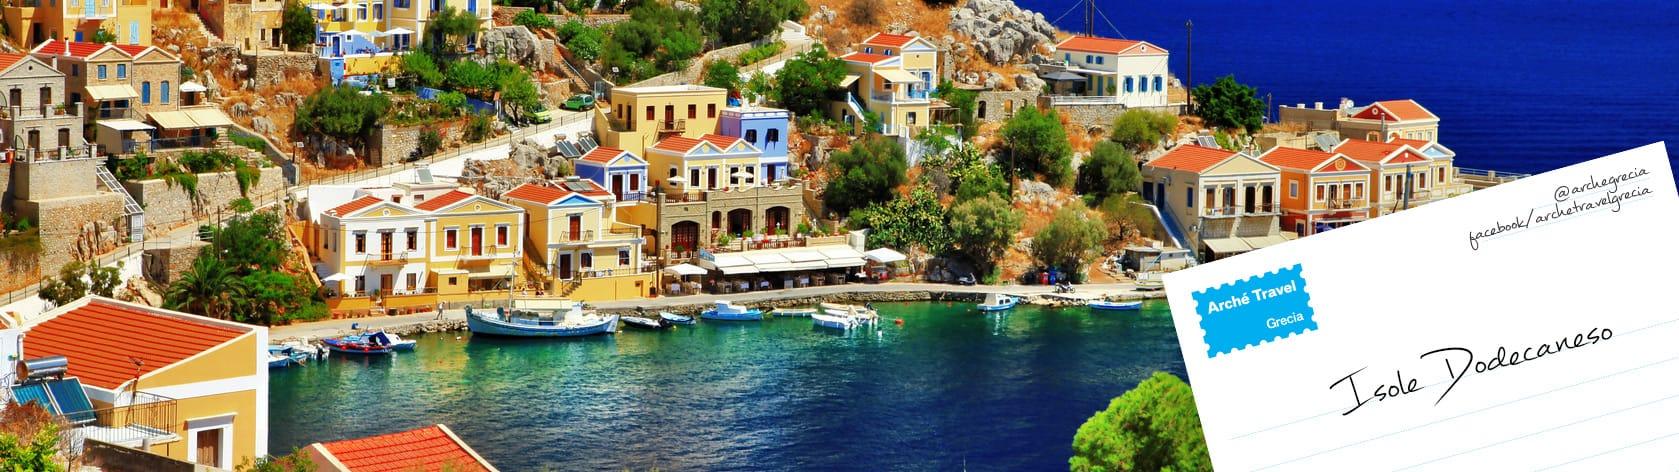 CATALOGHI Viaggi Isole Dodecaneso Tour Isole Dodecaneso - Arché Travel - Tour Operator Isole Dodecaneso Grecia